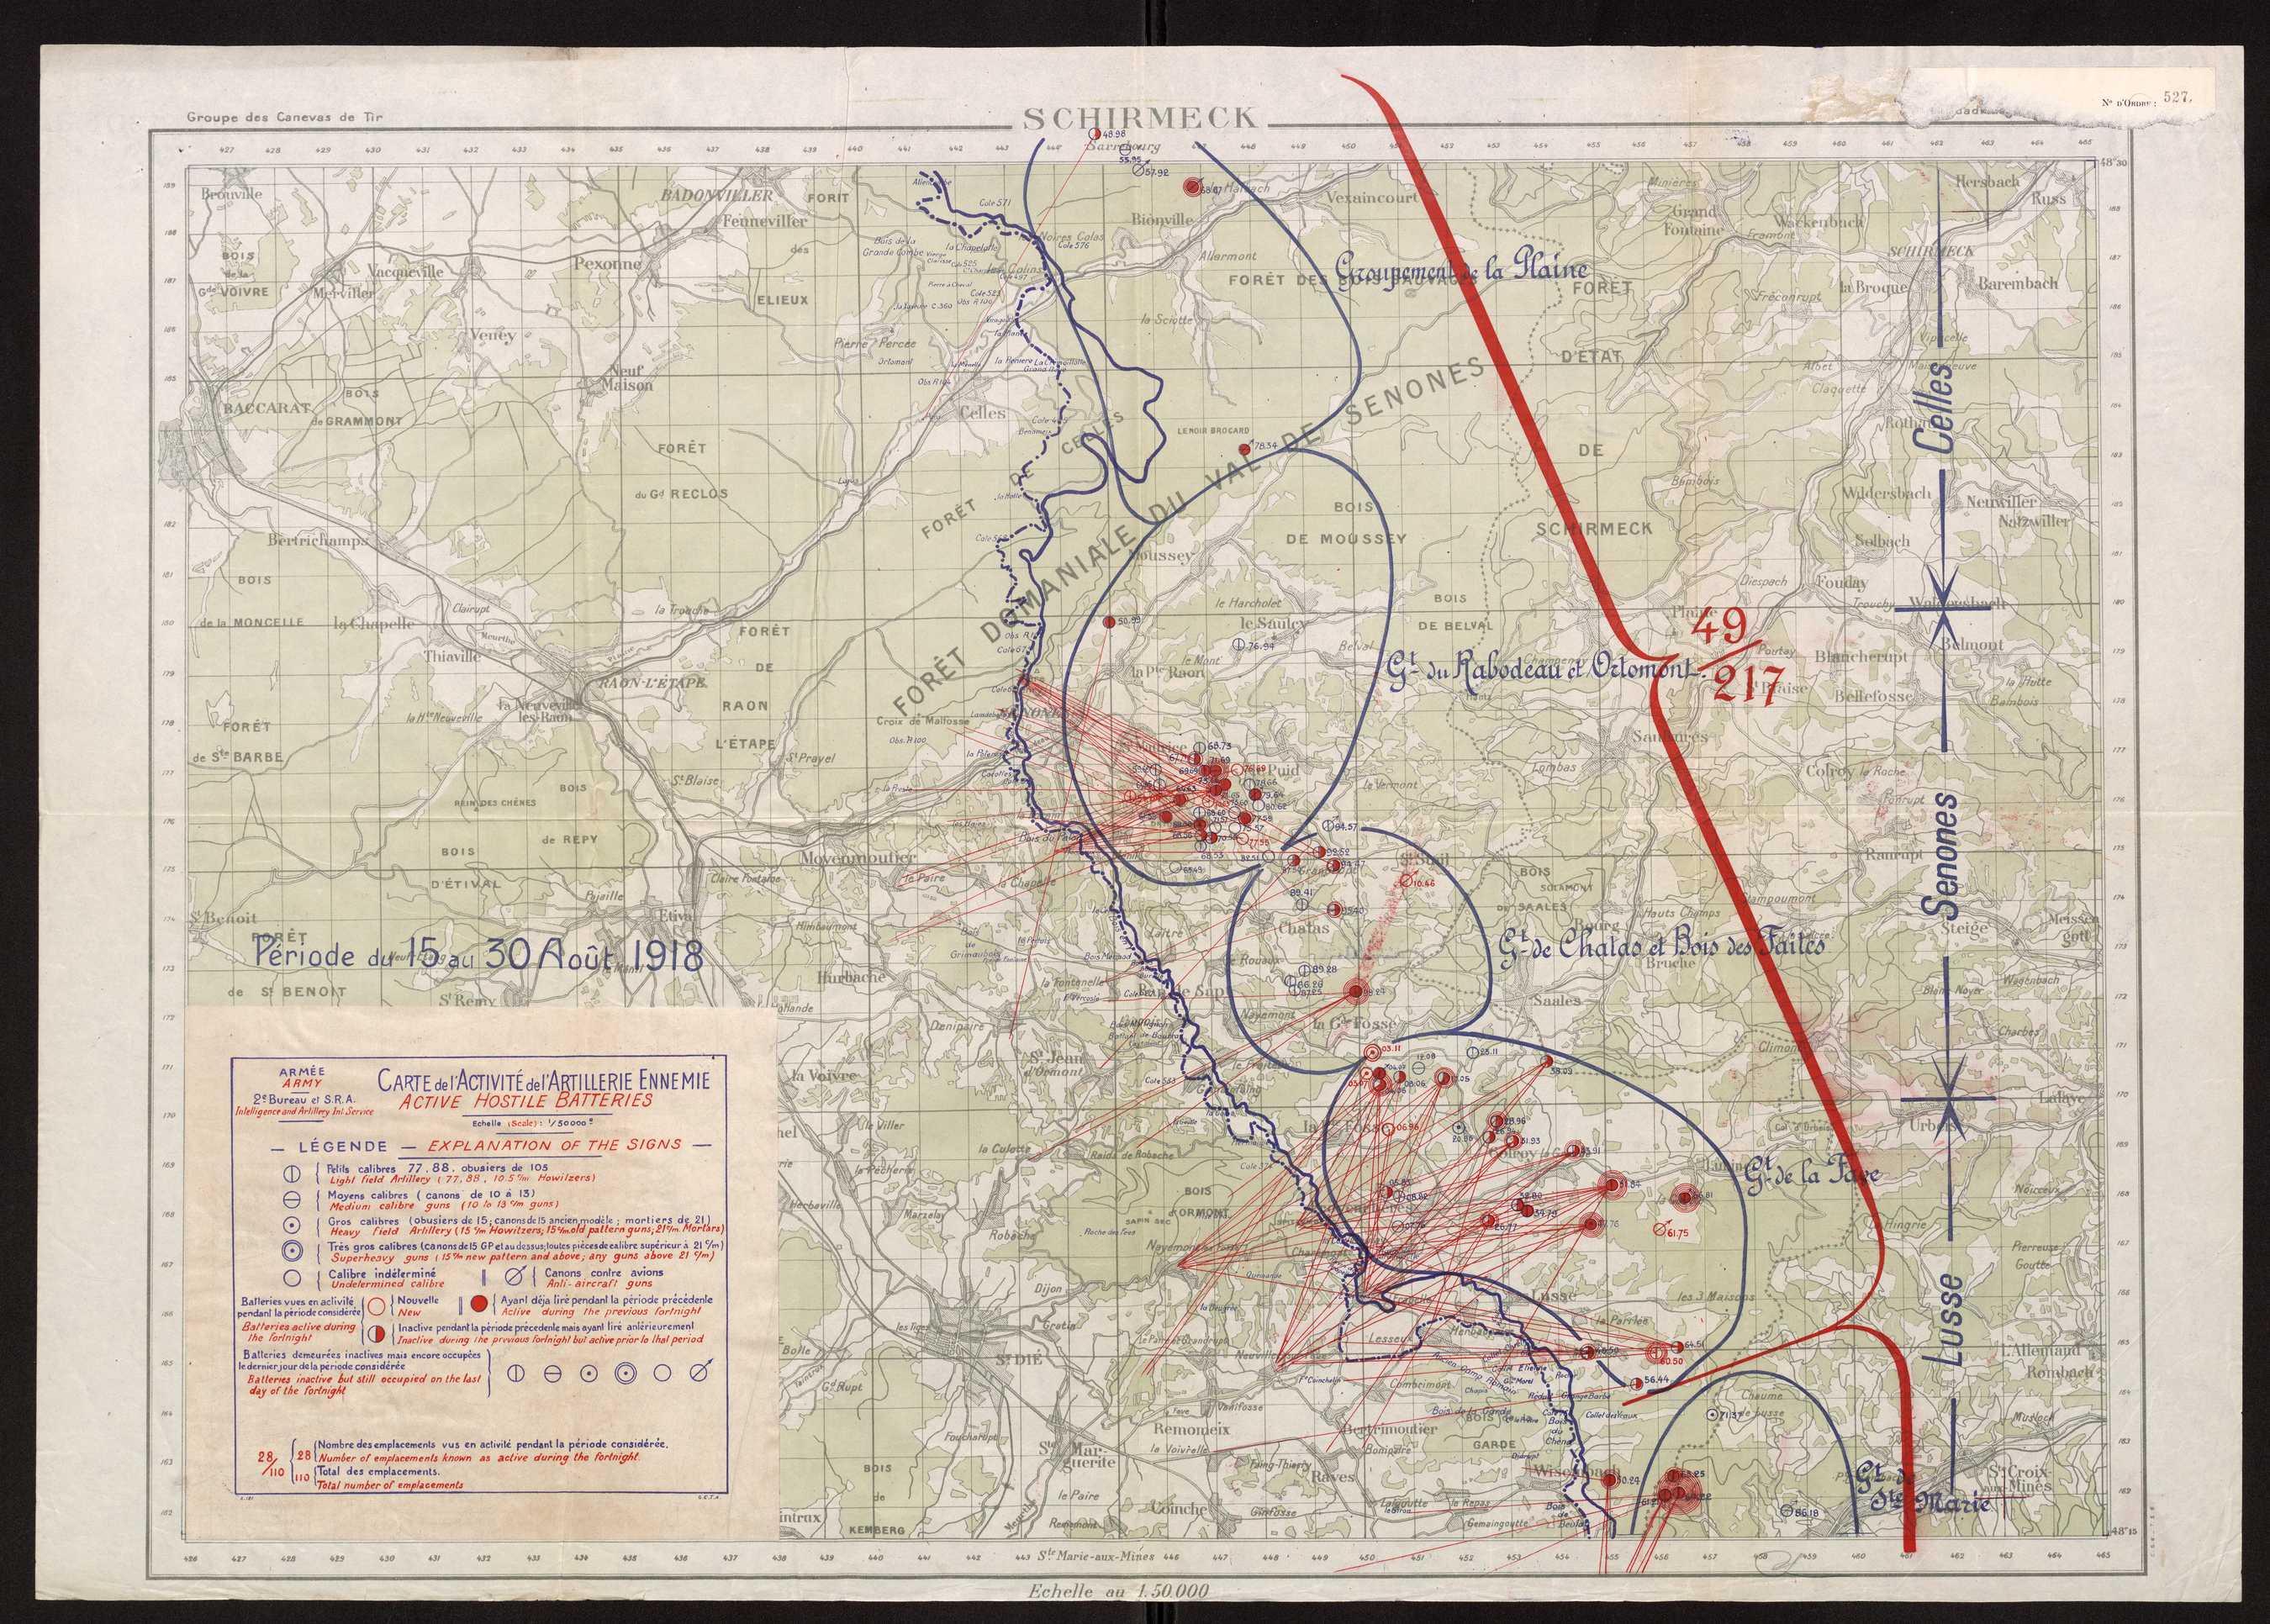 Carte Schirmeck Alsace.Carte Premiere Guerre Mondiale 15 08 1918 Echelle 1